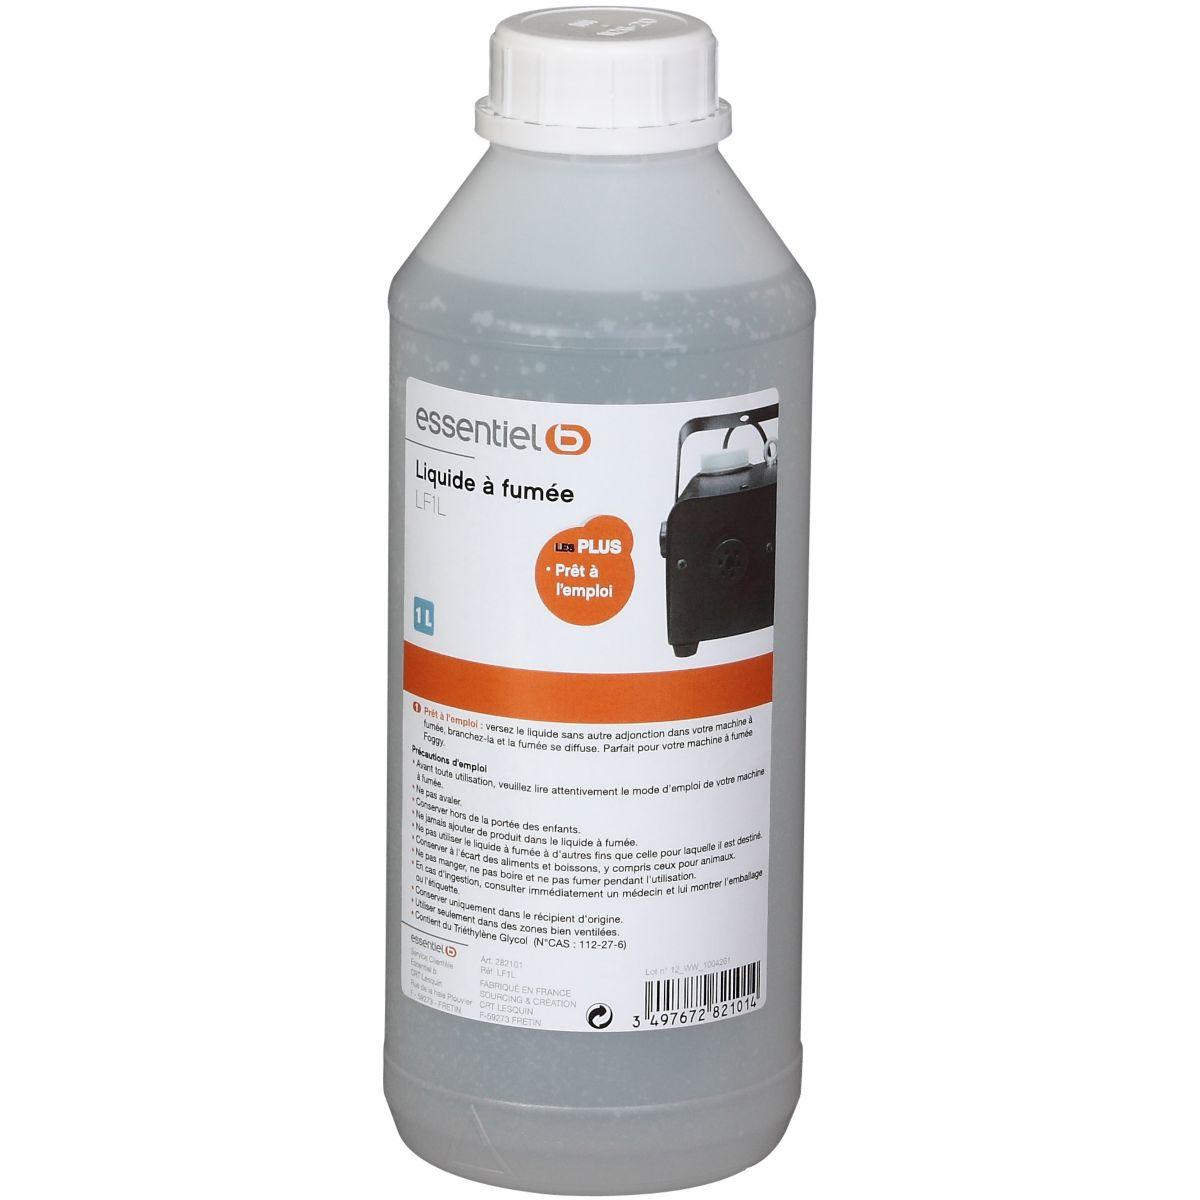 Accessoire ESSENTIELB Liquide à fumée 1L (photo)